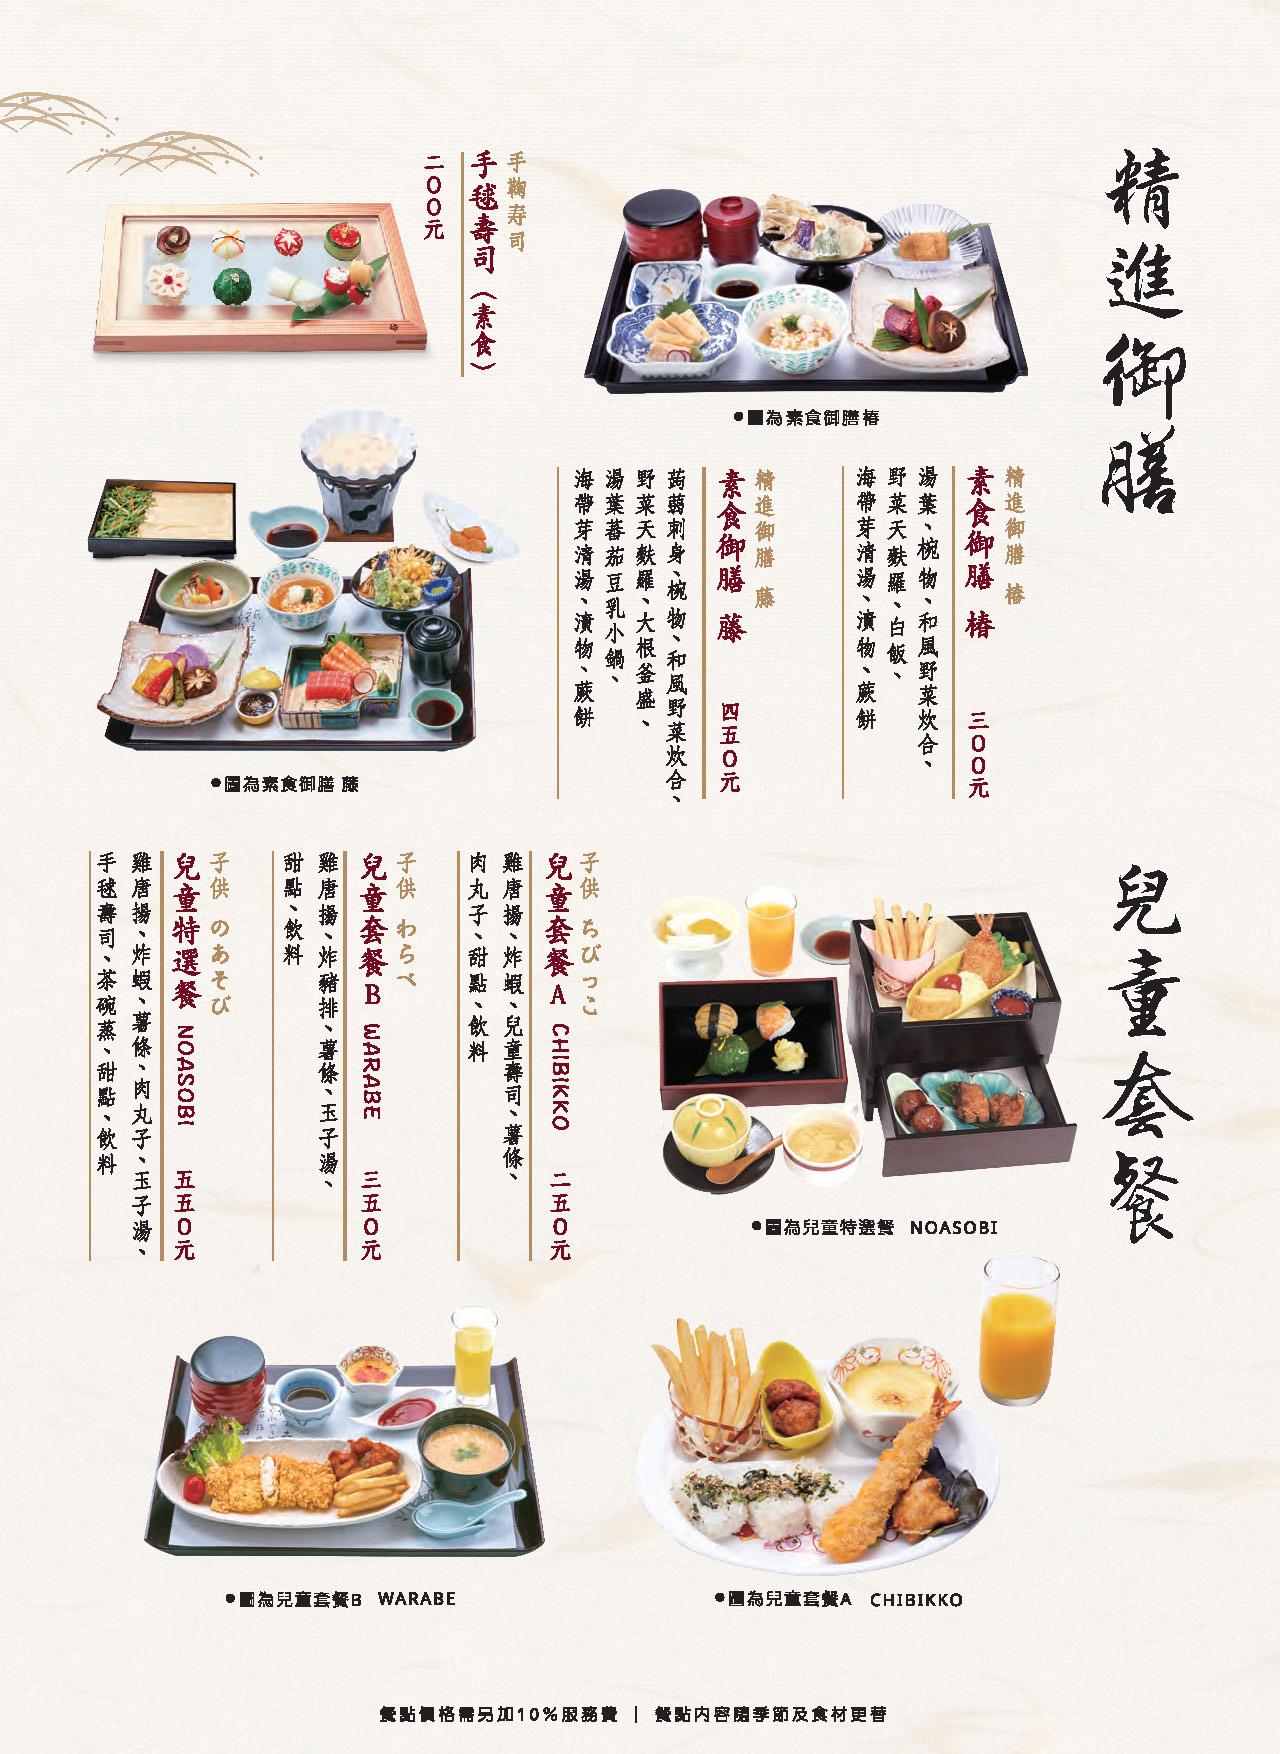 莞固和食 GANKO 台北大直店菜單 - 精進御膳 兒童套餐